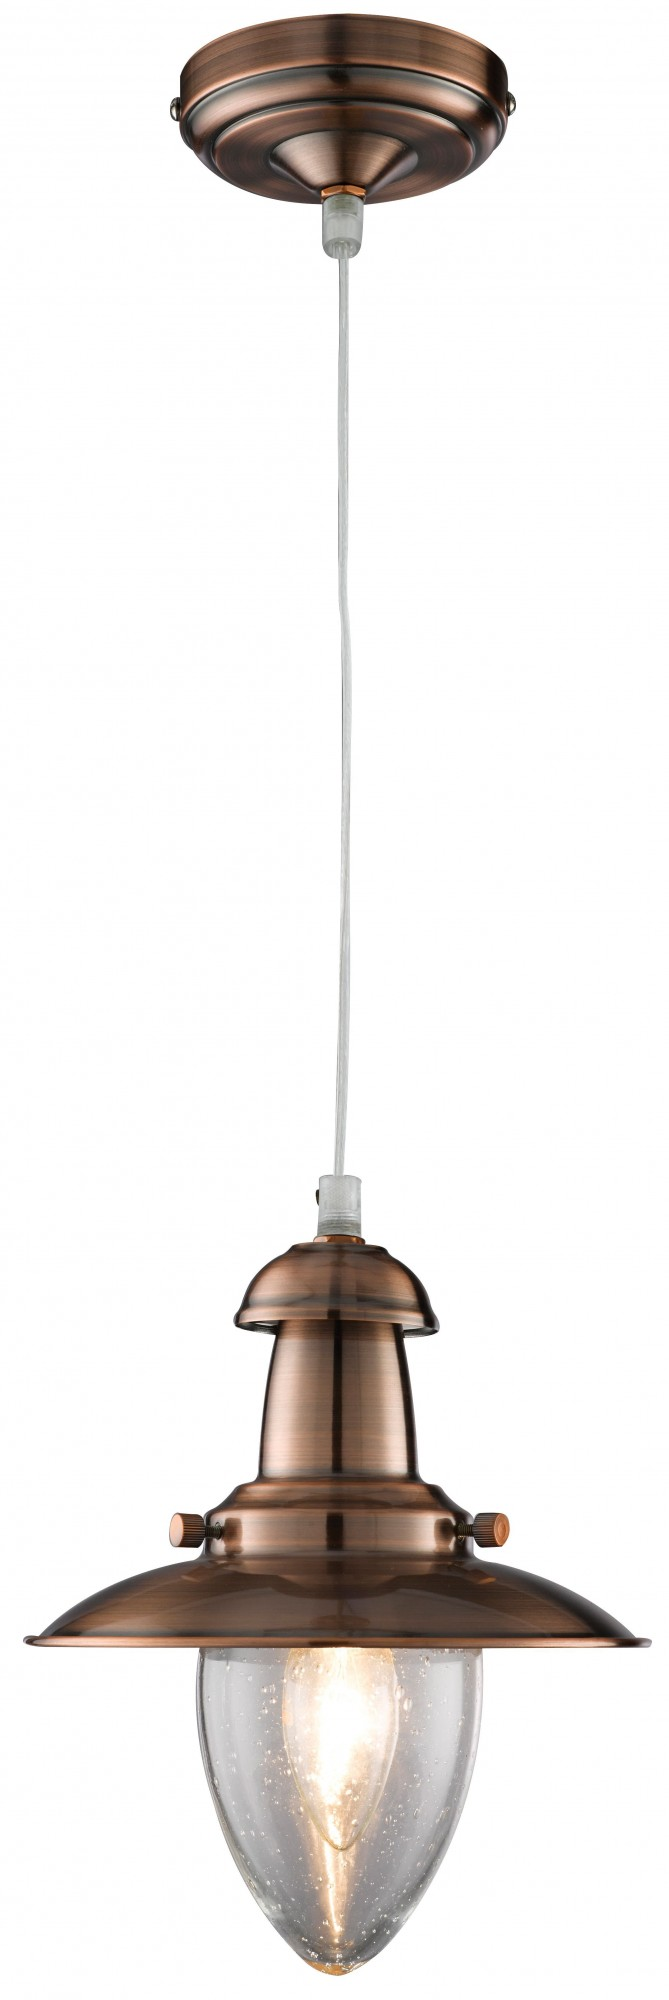 Фото товара A5518SP-1RB Arte Lamp